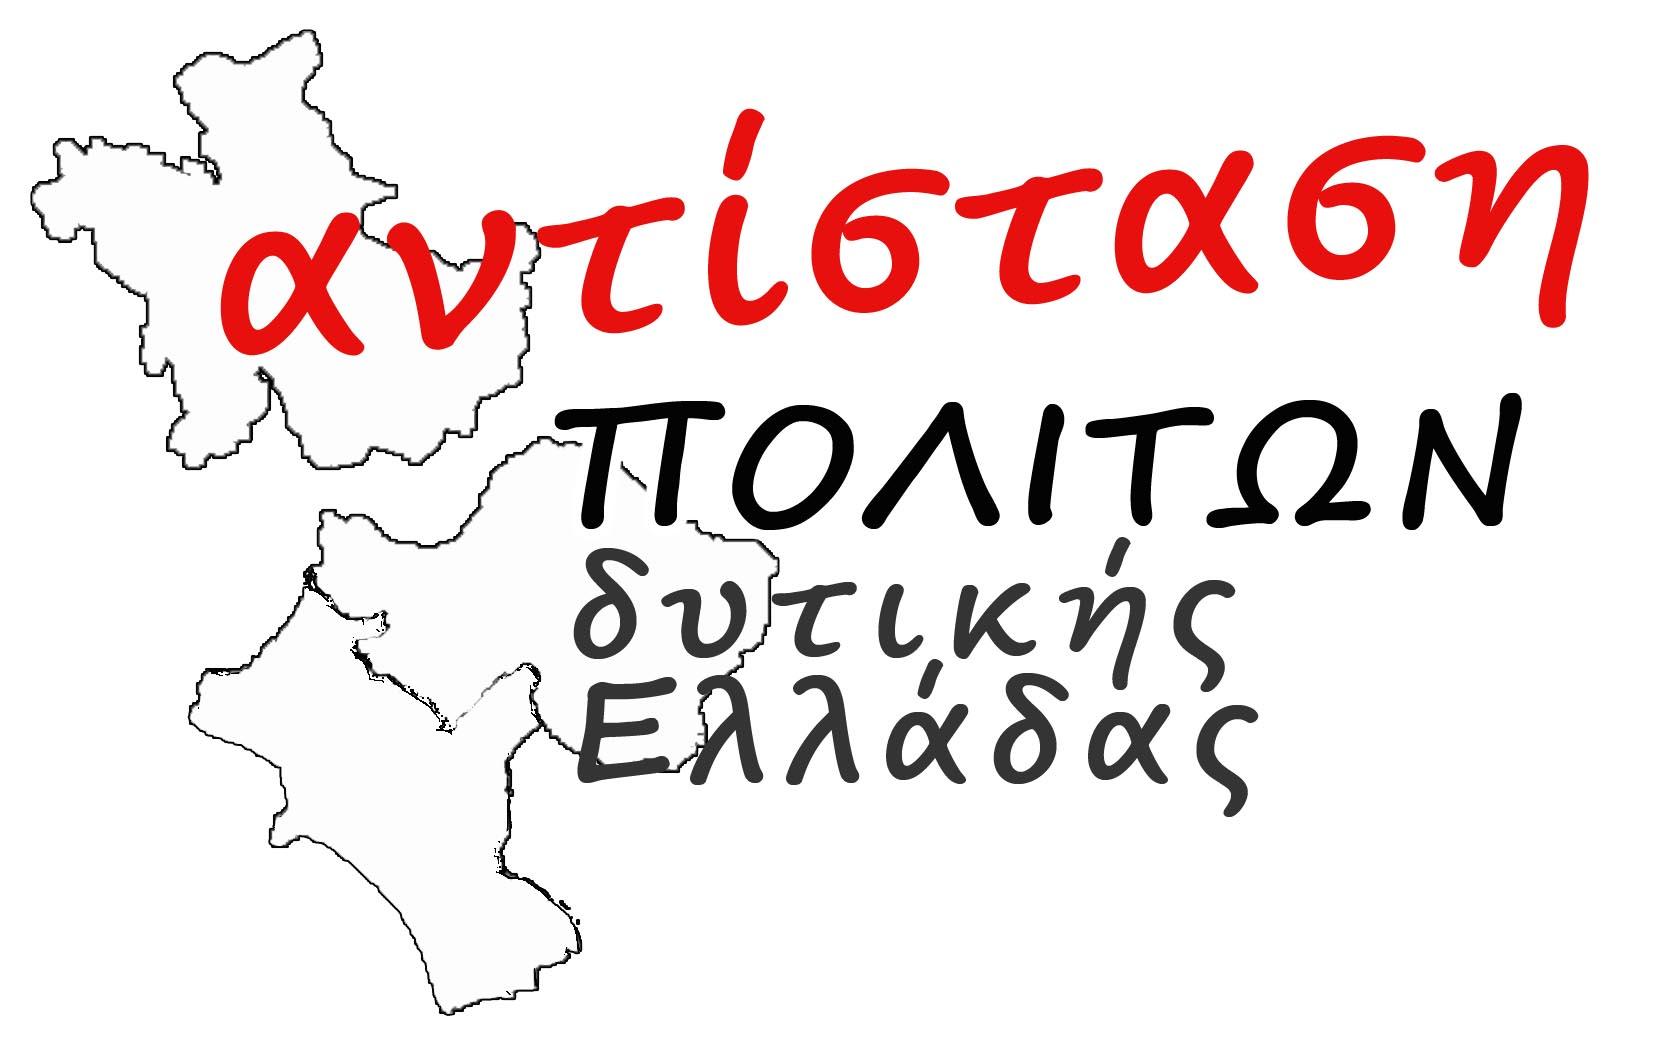 Την Δευτέρα ο Βασίλης Χατζηλάμπρου ανακοινώνει τους υποψηφίους της Αντίστασης Πολιτών  Δυτικής Ελλάδας στην Αιτωλοακαρνανία